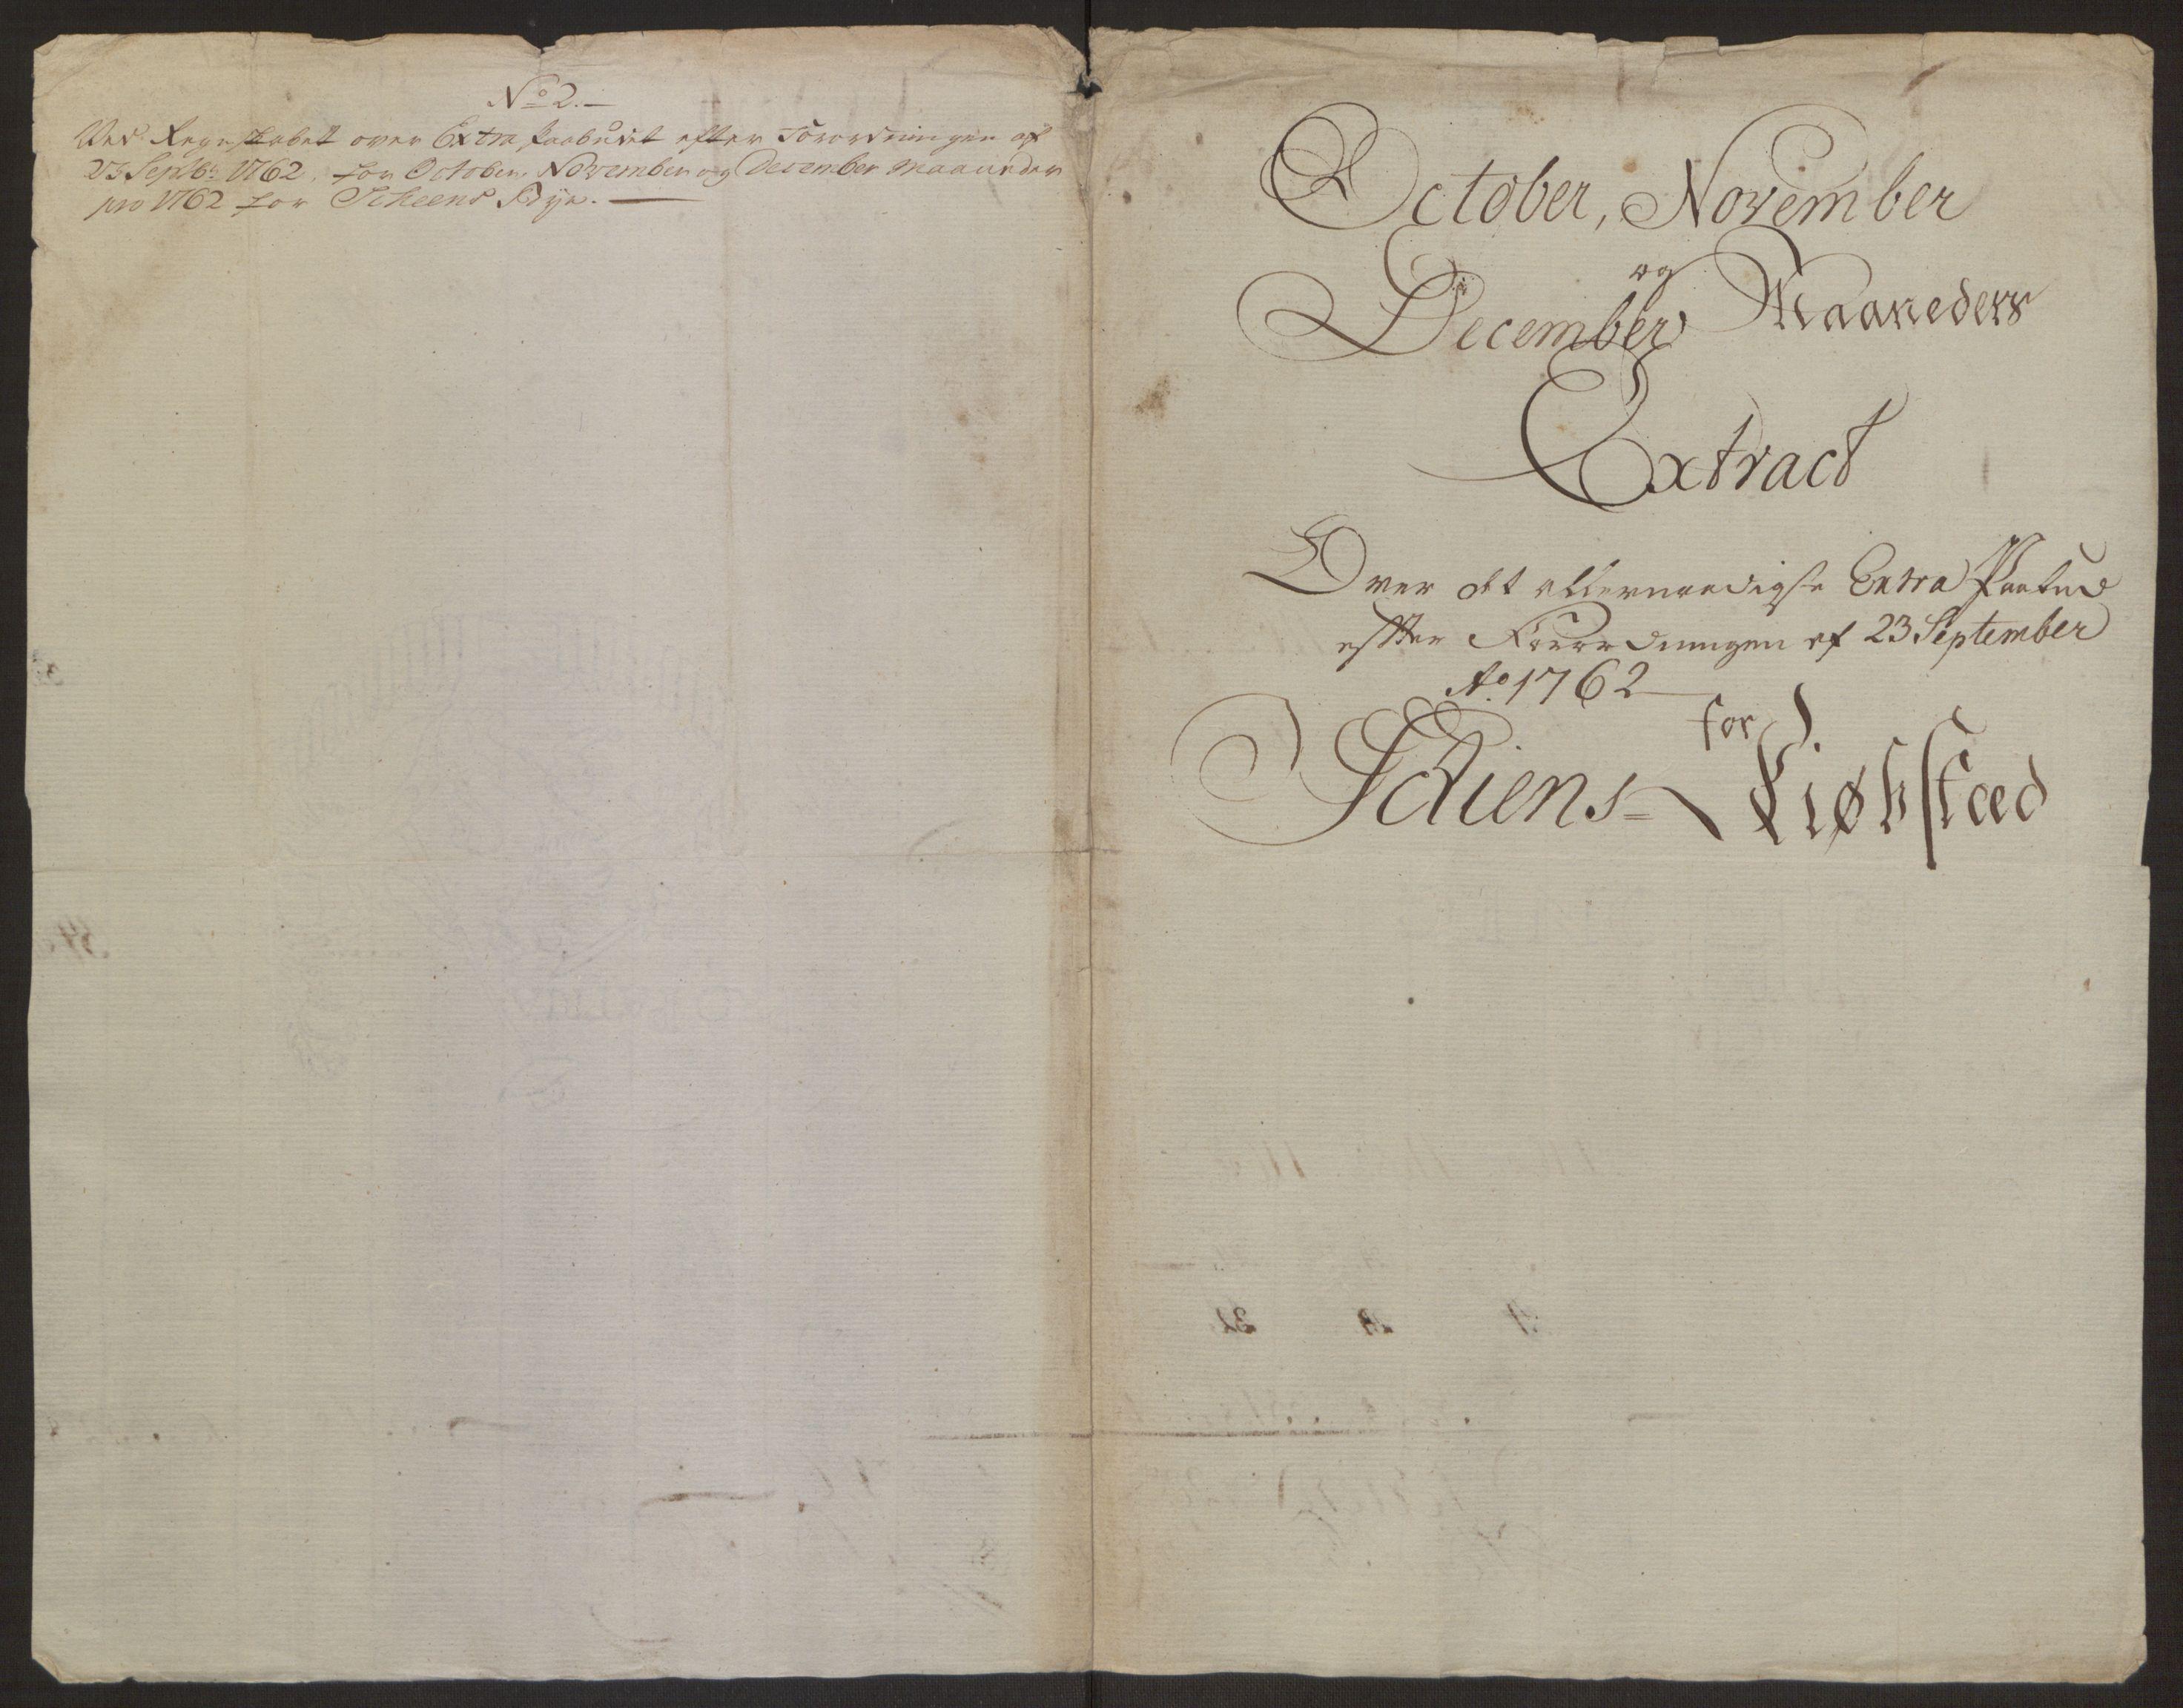 RA, Rentekammeret inntil 1814, Reviderte regnskaper, Byregnskaper, R/Rj/L0198: [J4] Kontribusjonsregnskap, 1762-1768, s. 89